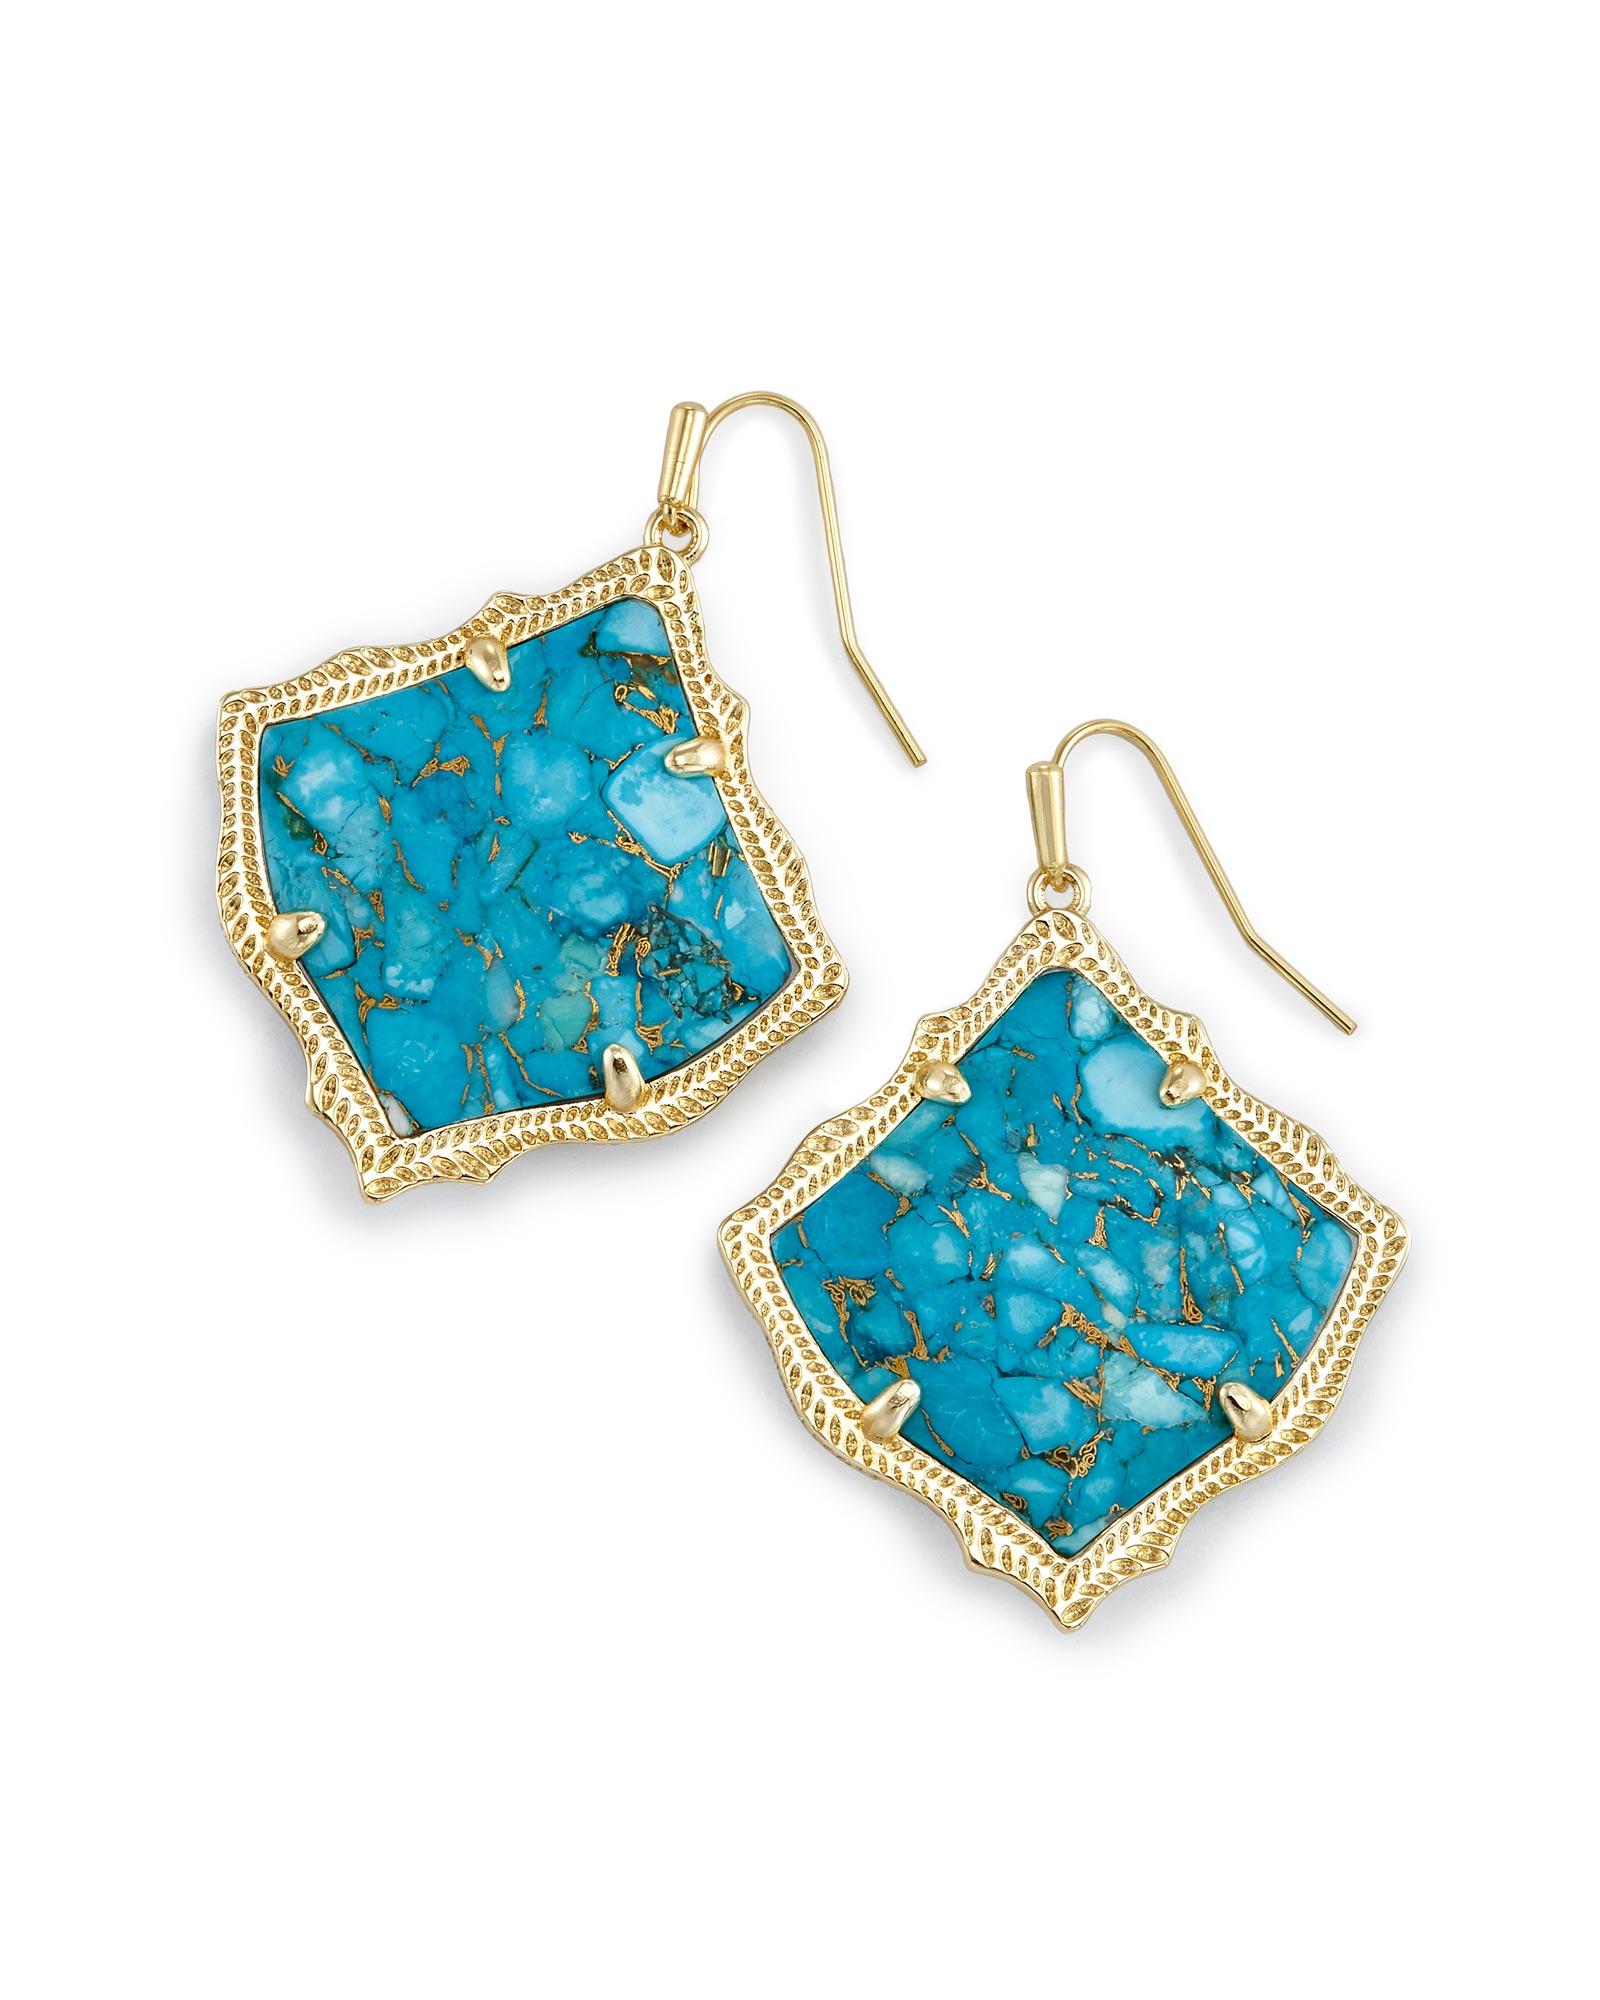 Kirsten Drop Earrings in Turquoise   Kendra Scott Jewelry